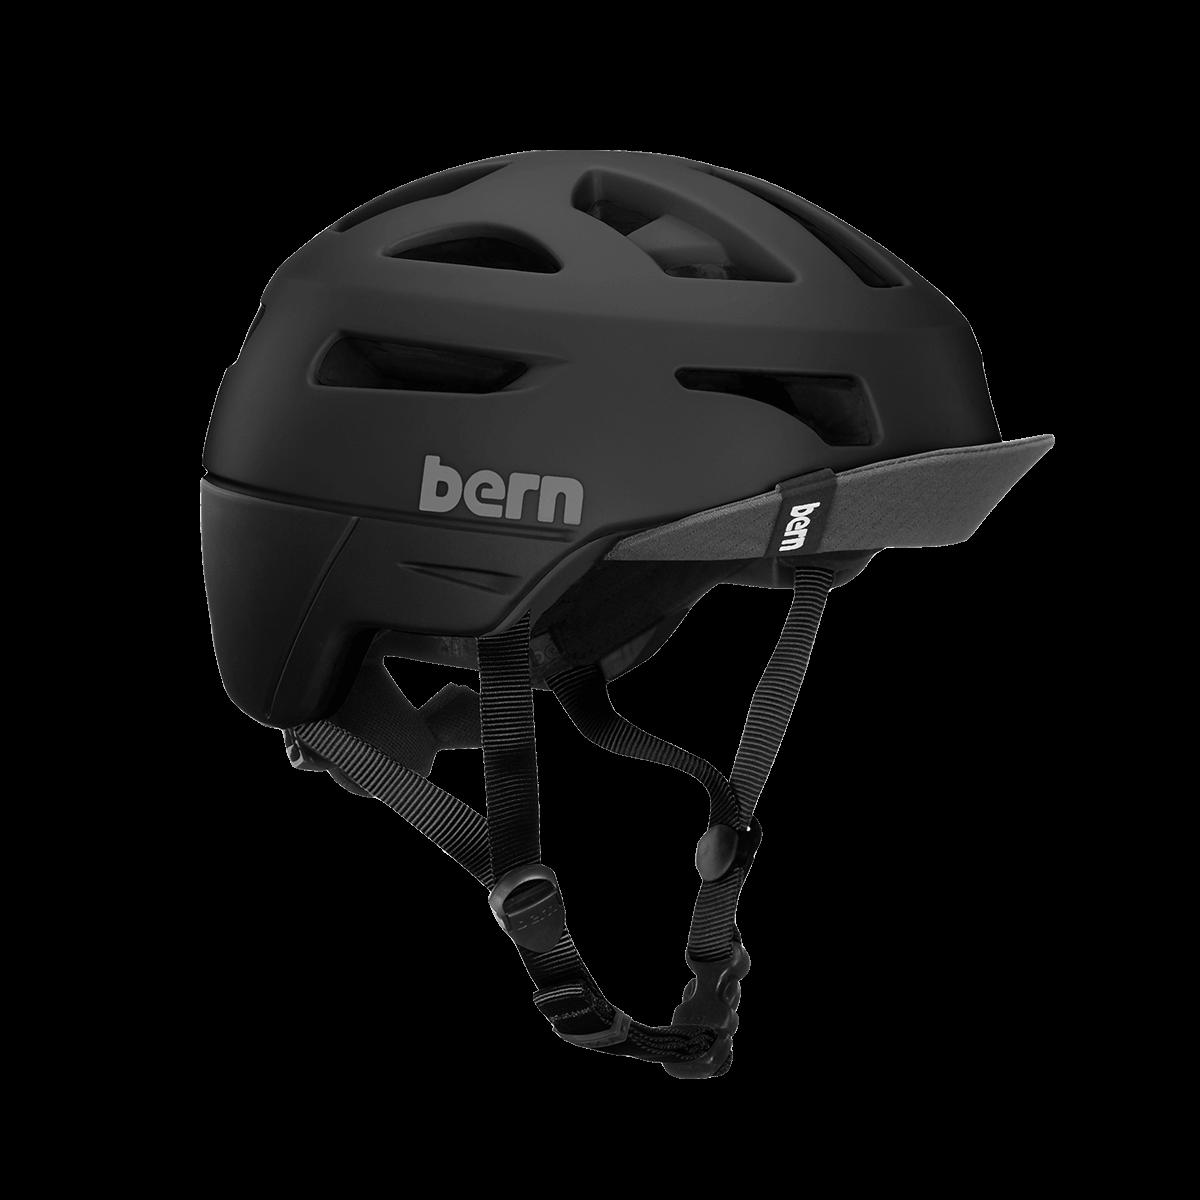 Casque Union-Matte-Black-MIPS  Esprit vélo